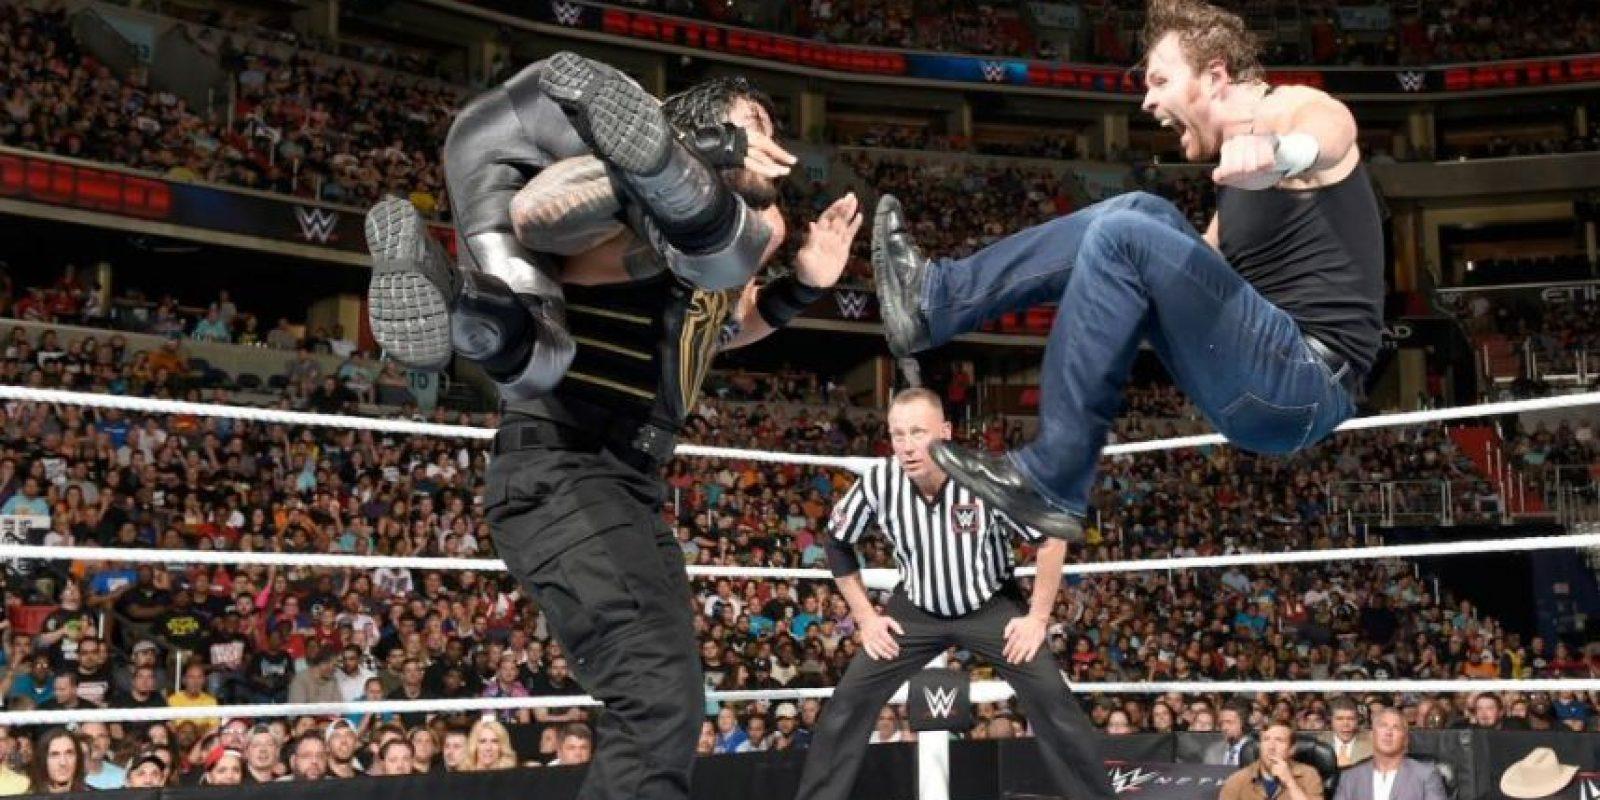 Dean Ambrose retuvo el Campeonato de WWE ante Seth Rollins y Roman Reigns Foto:WWE. Imagen Por: